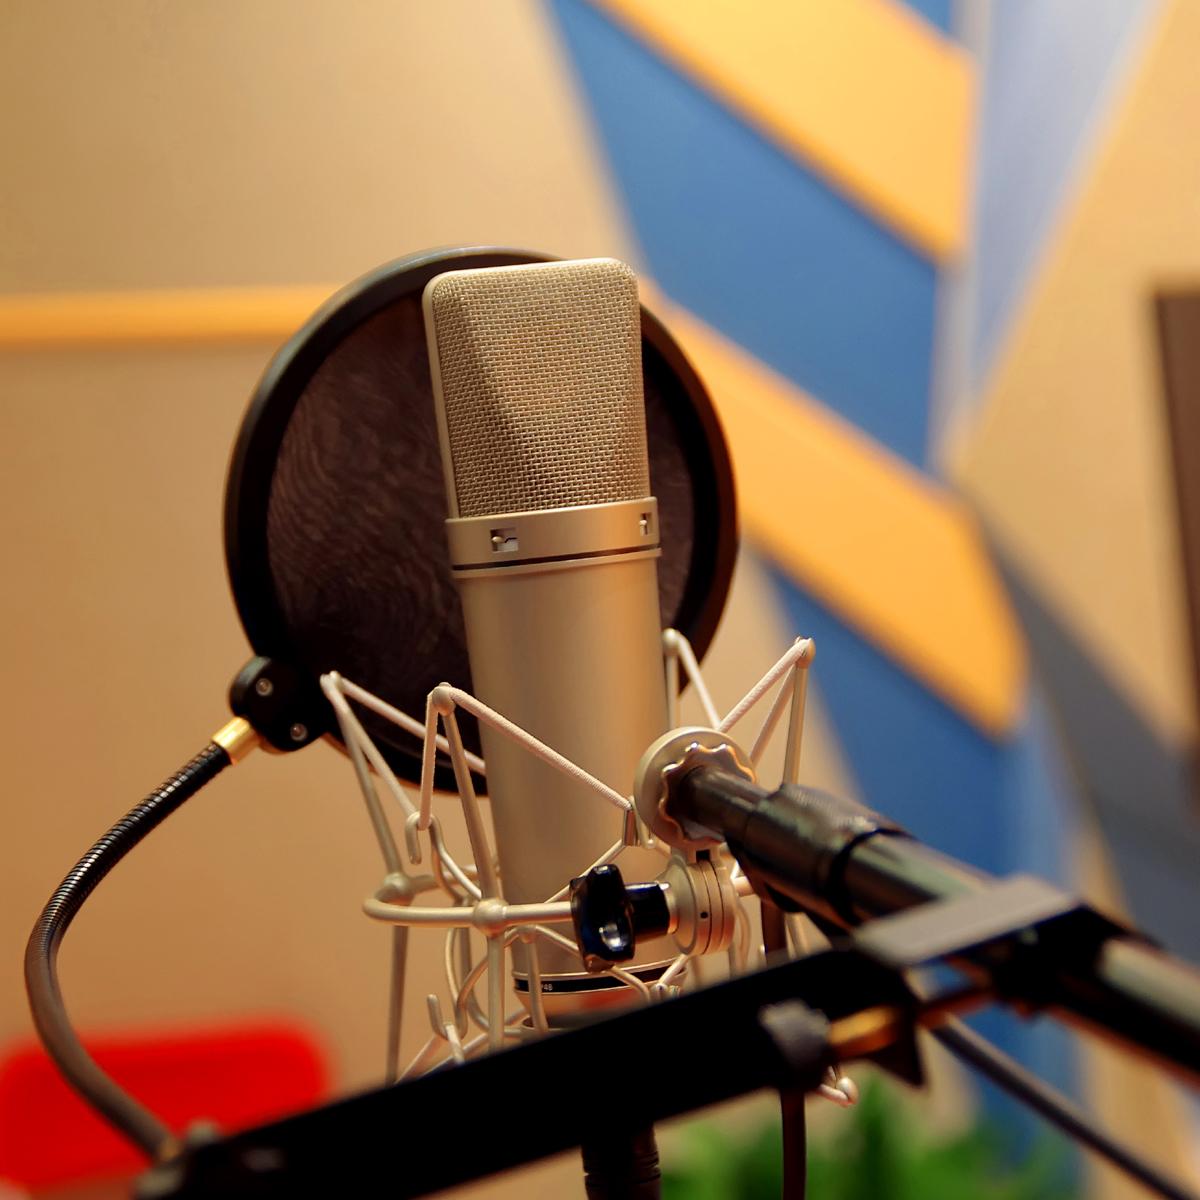 关键词: 录音棚的话筒,录音棚的话筒图片素材,录音棚的话筒图片下载